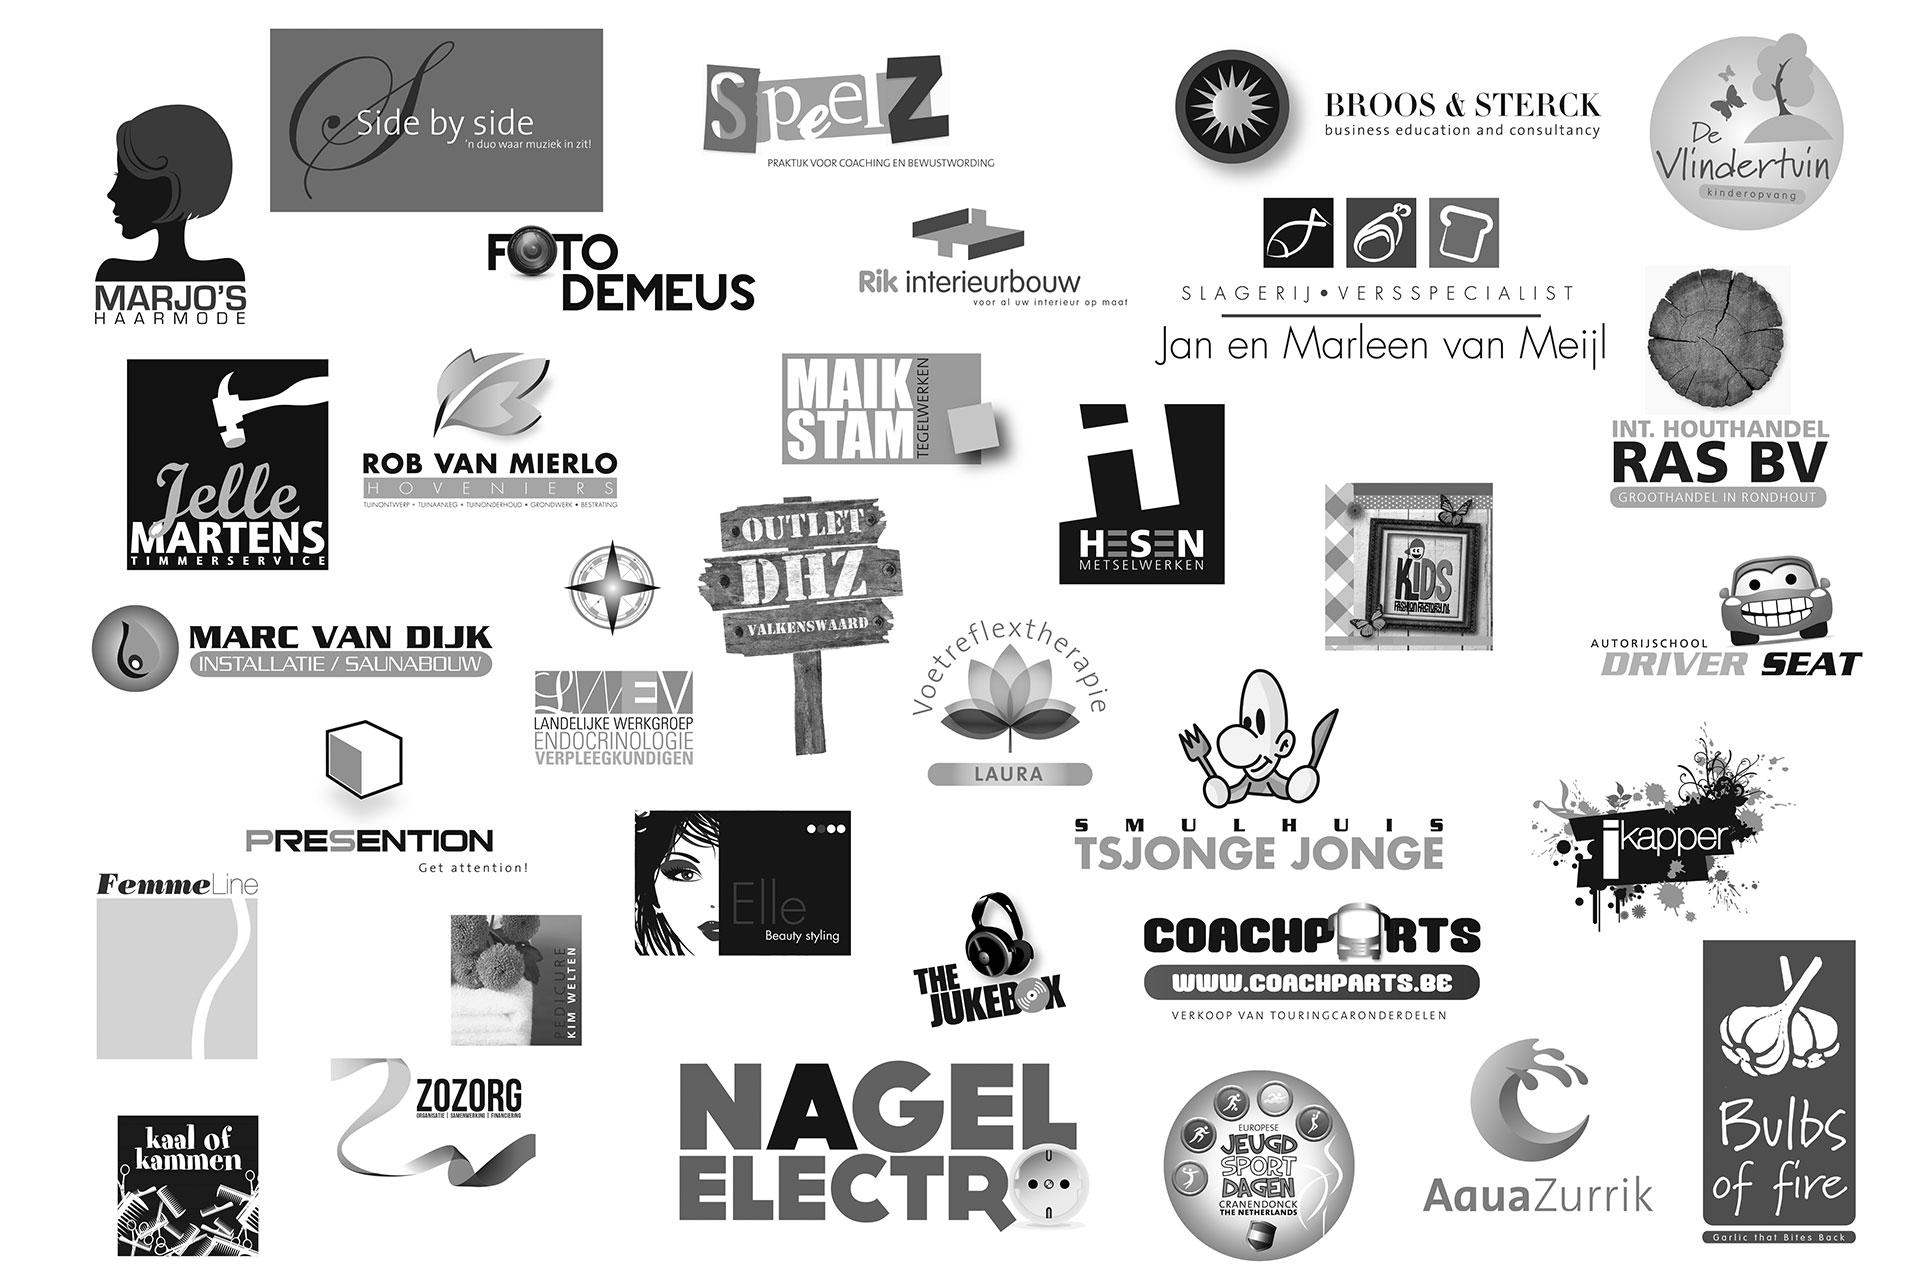 Rie-Jeanne Ras | Soerendonk | grafisch ontwerp | vormgeving